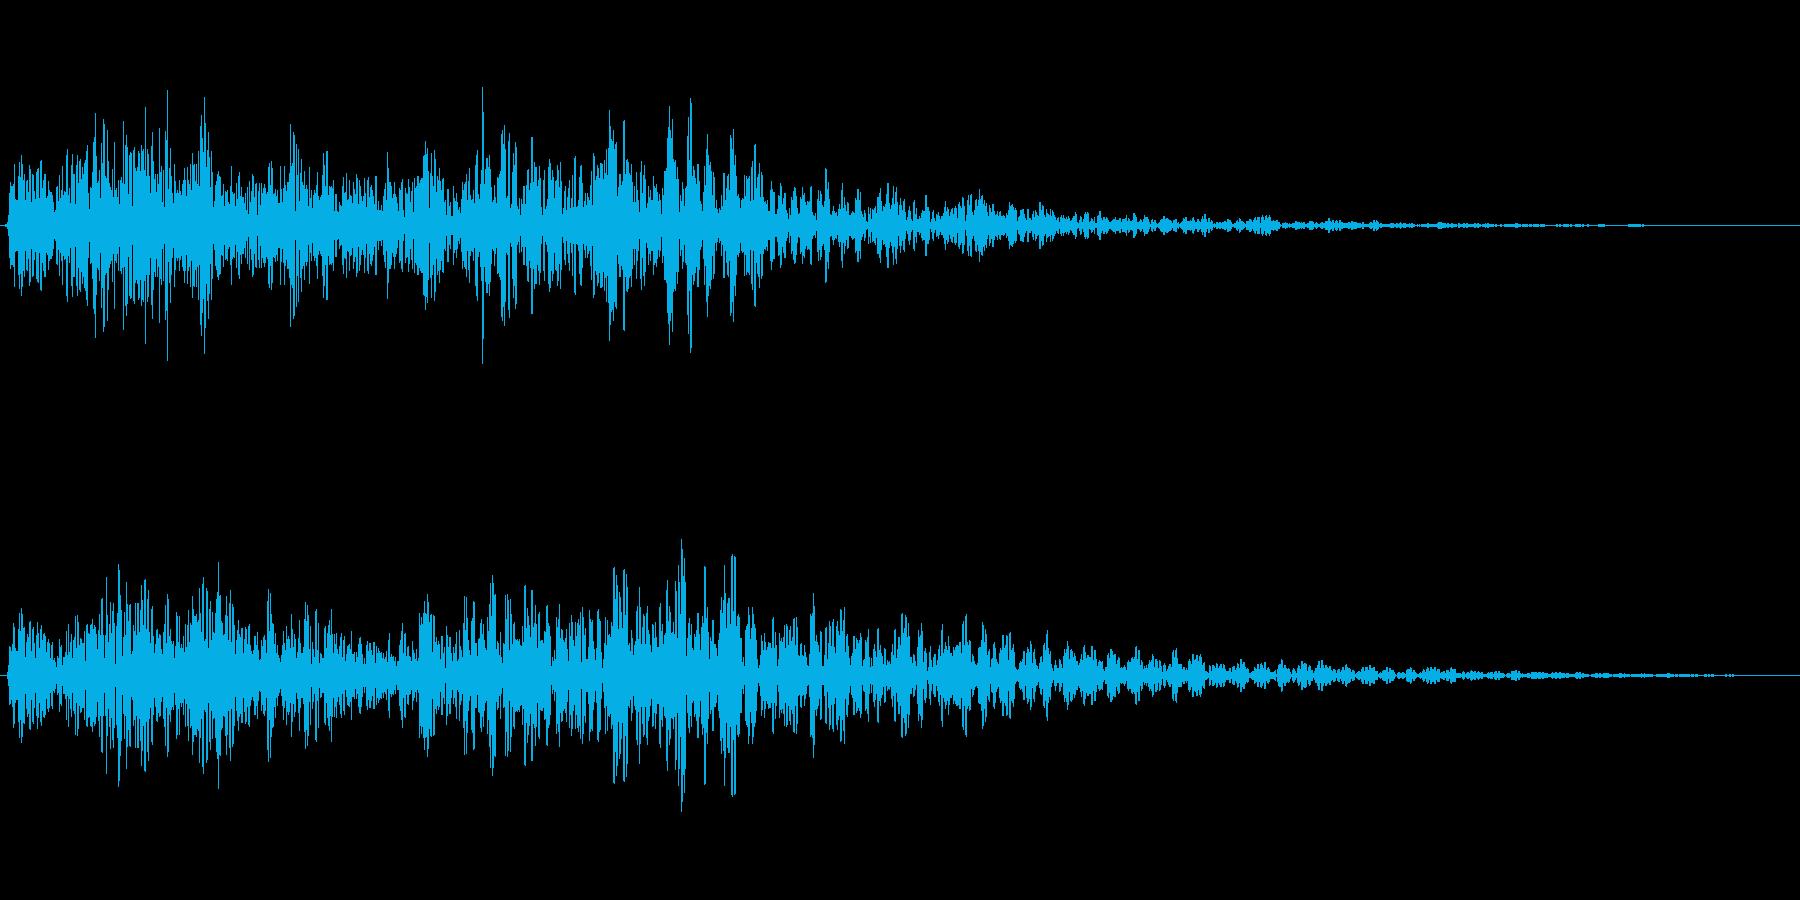 瞑想・回想シーンの暗い心理的な音の再生済みの波形